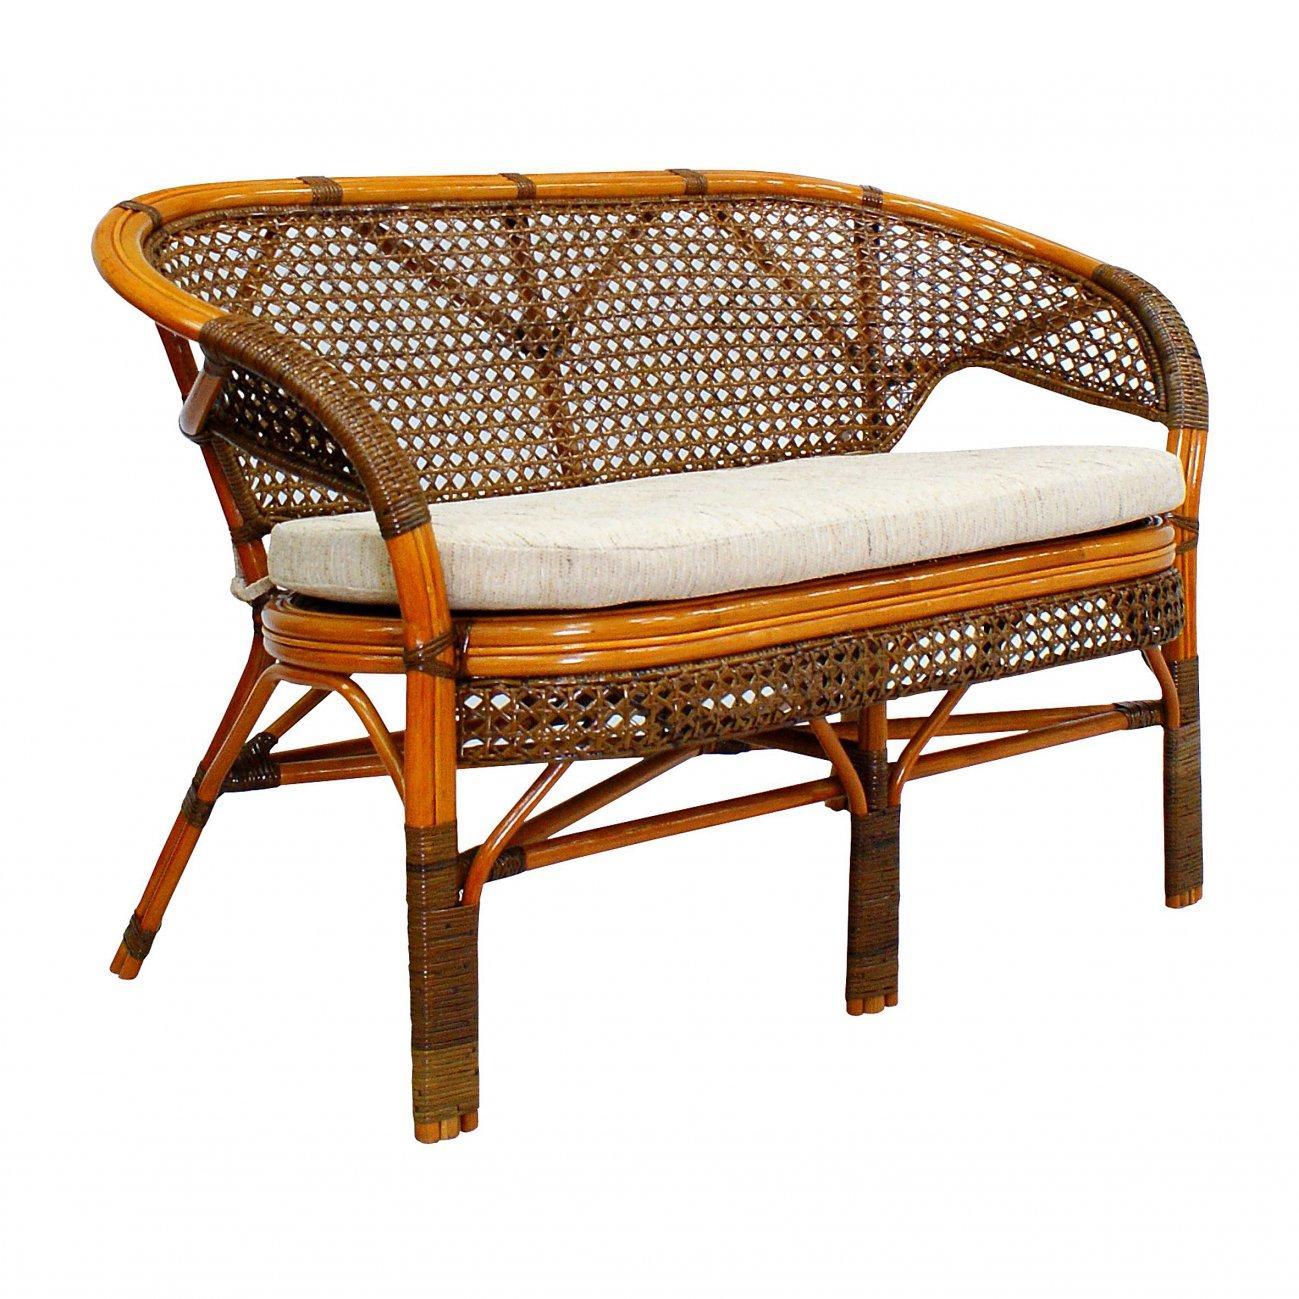 Купить Диван Comfort в интернет магазине дизайнерской мебели и аксессуаров для дома и дачи